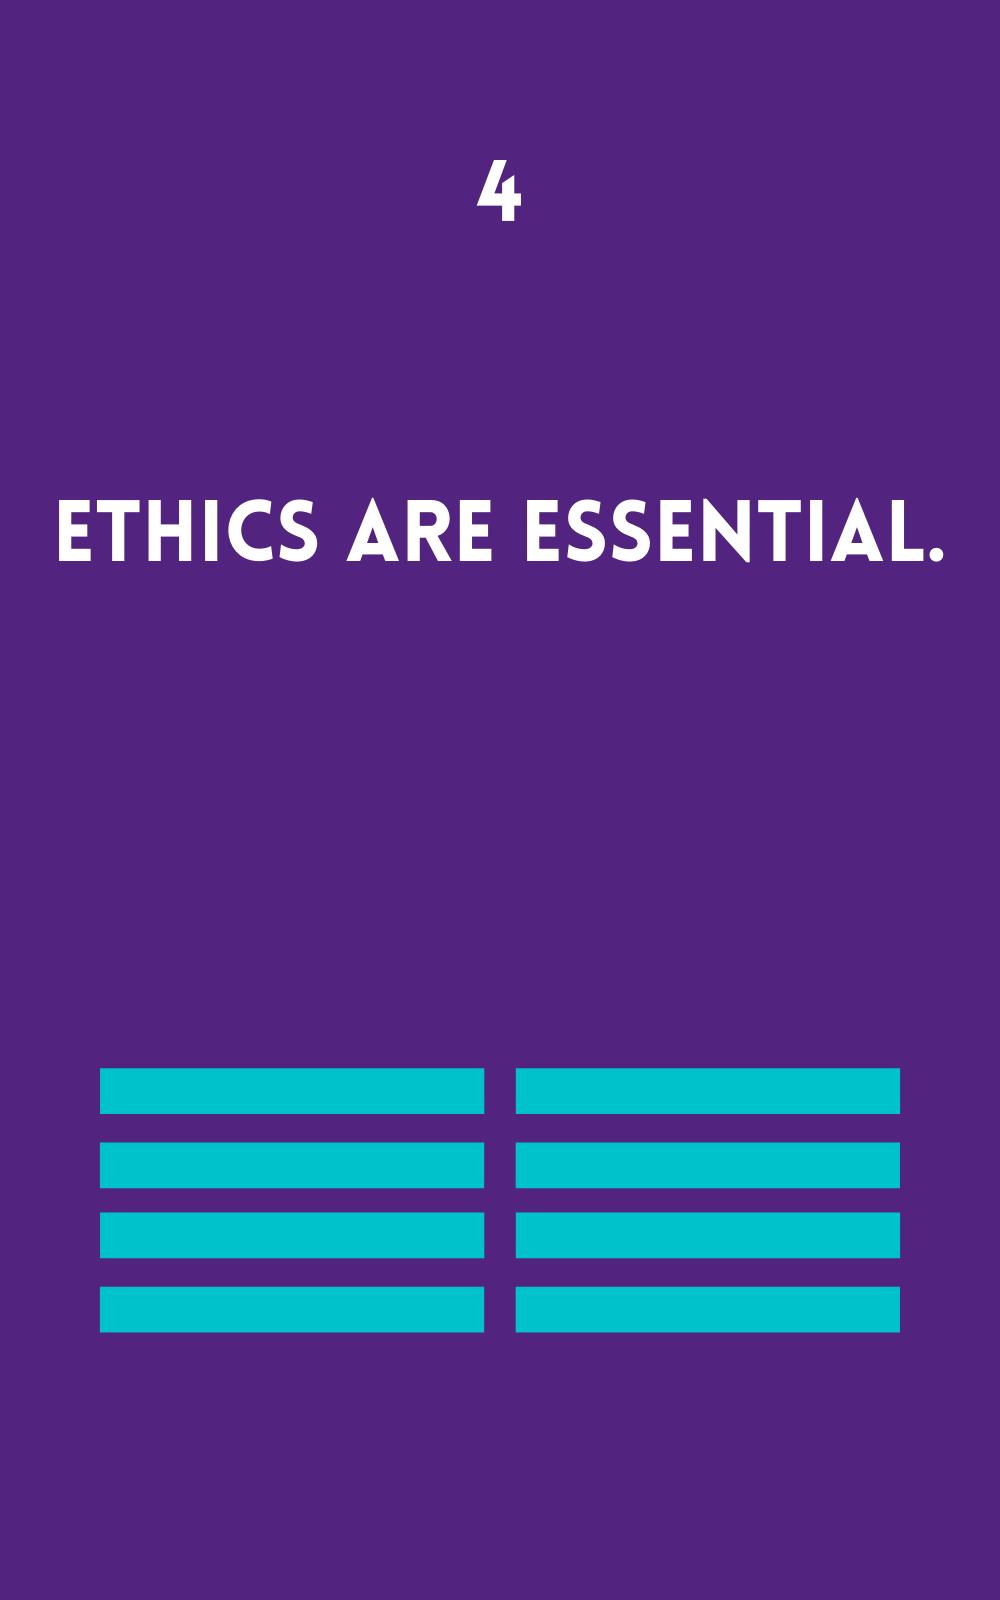 Ethics are essential